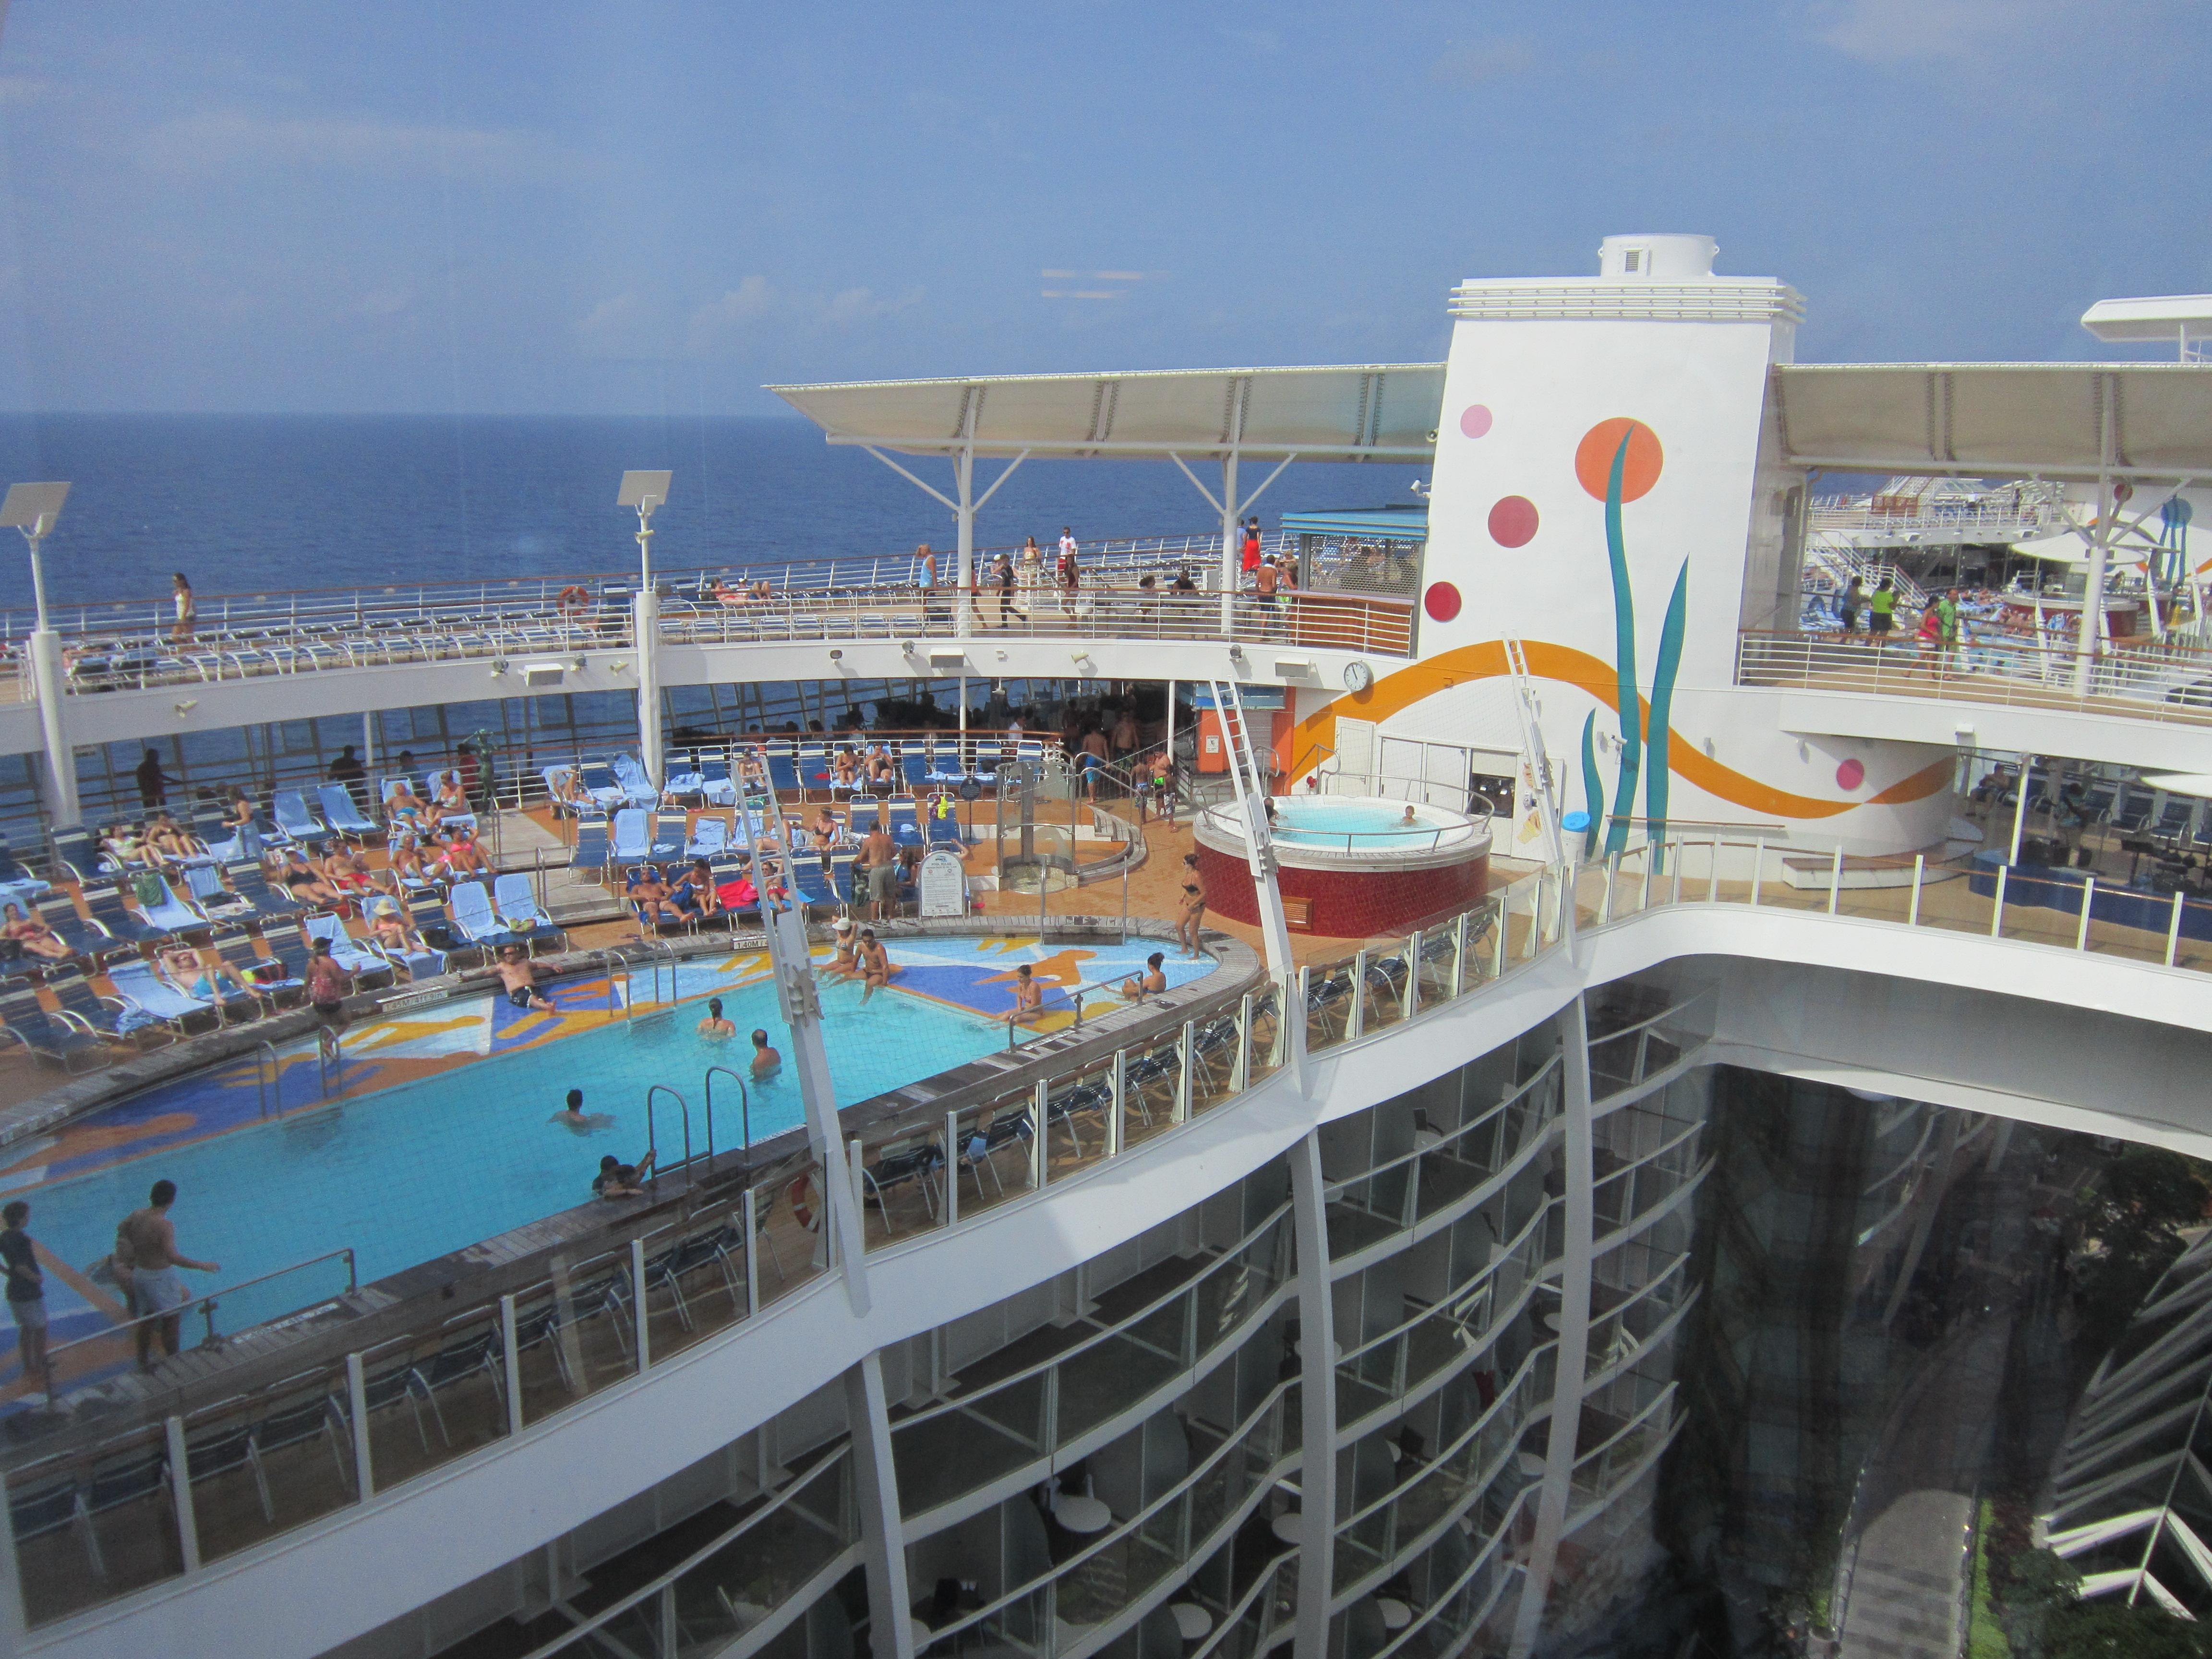 Пляжная палуба корабля «Очарование морей»